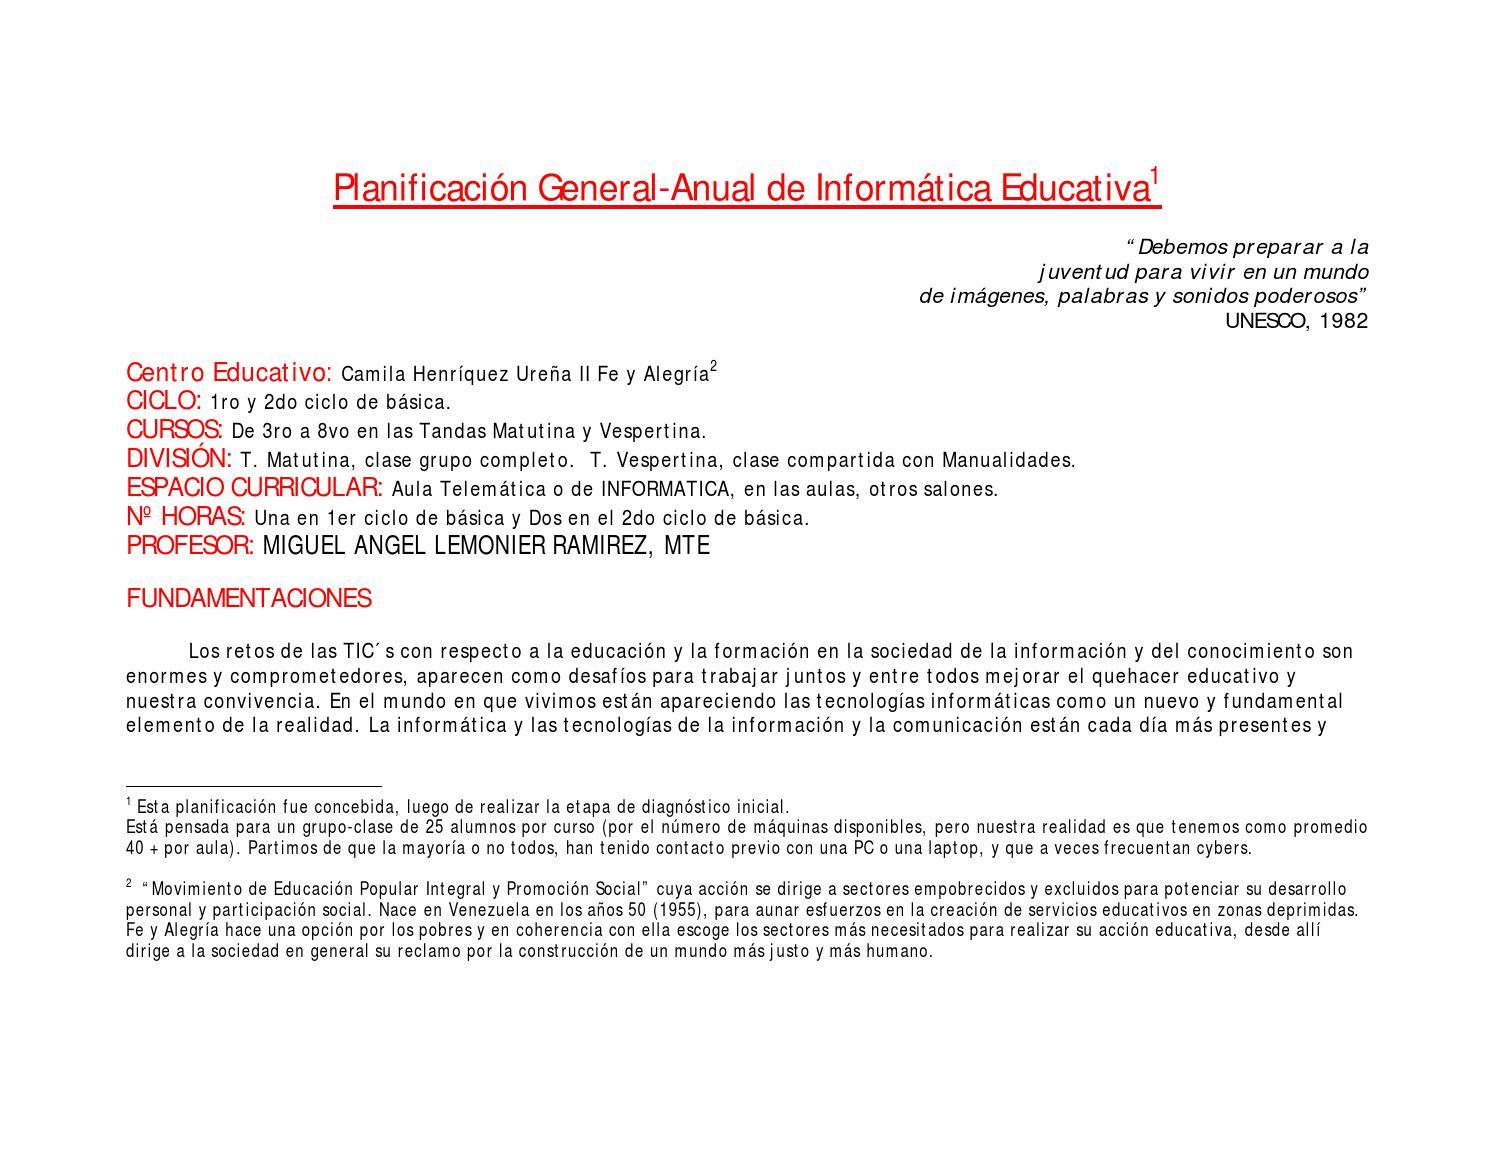 Planificacion General Expectativas de logros criterios informática  educativa by Miguel Lemonier - issuu d6eedf6a13f9